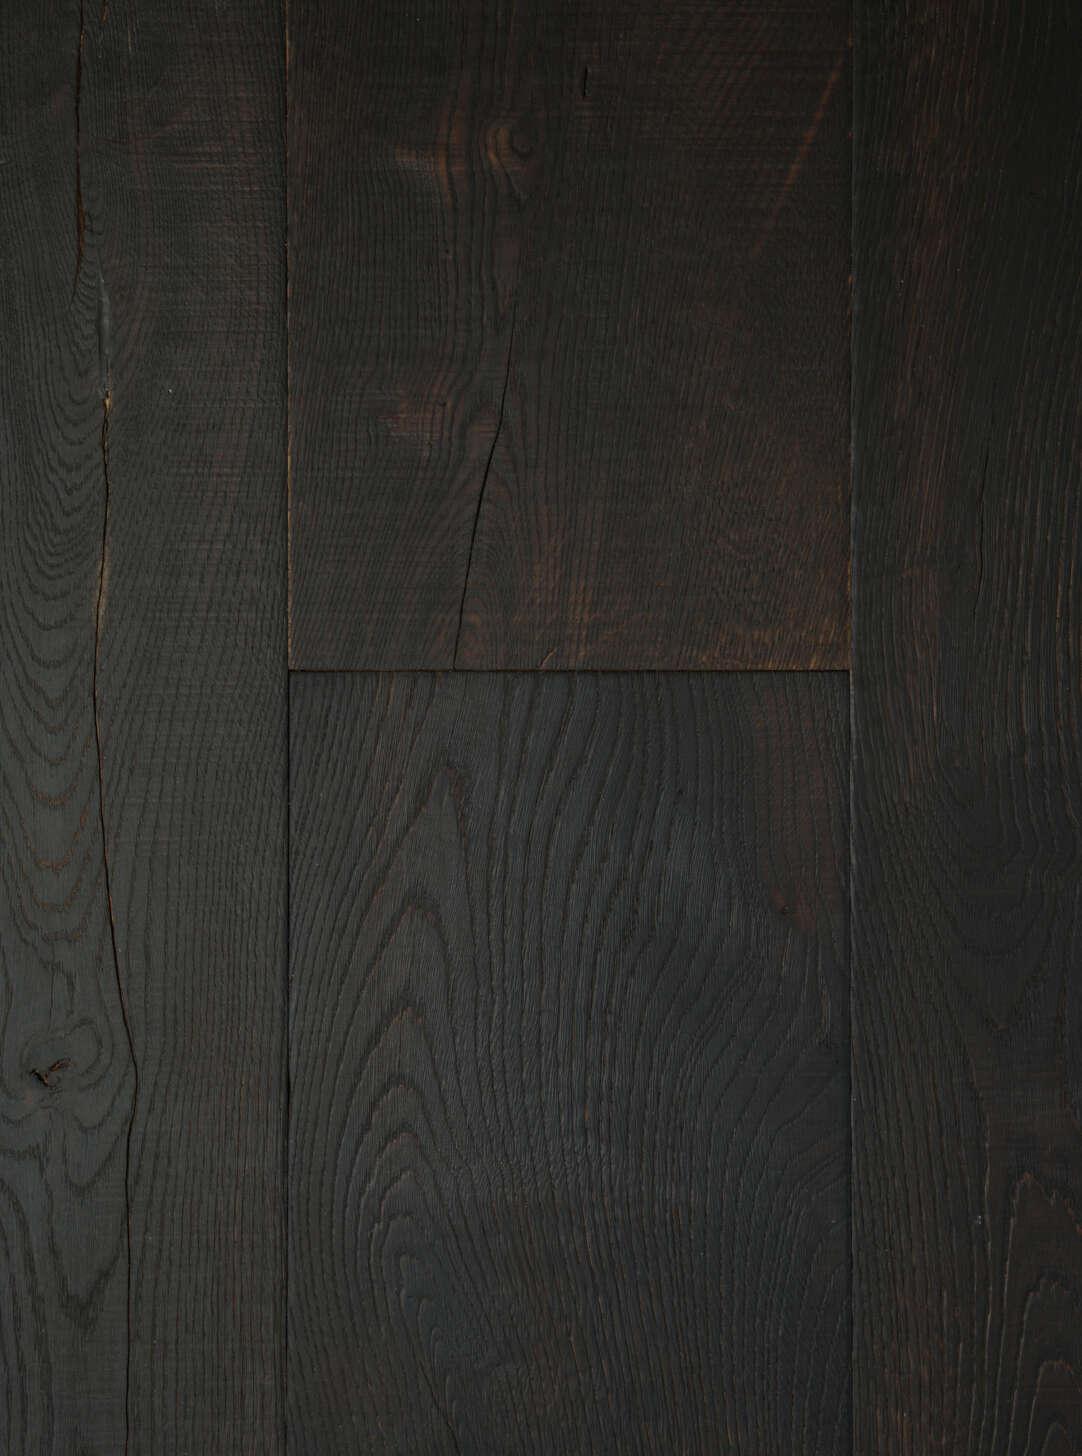 Oak heritage colonnade plank